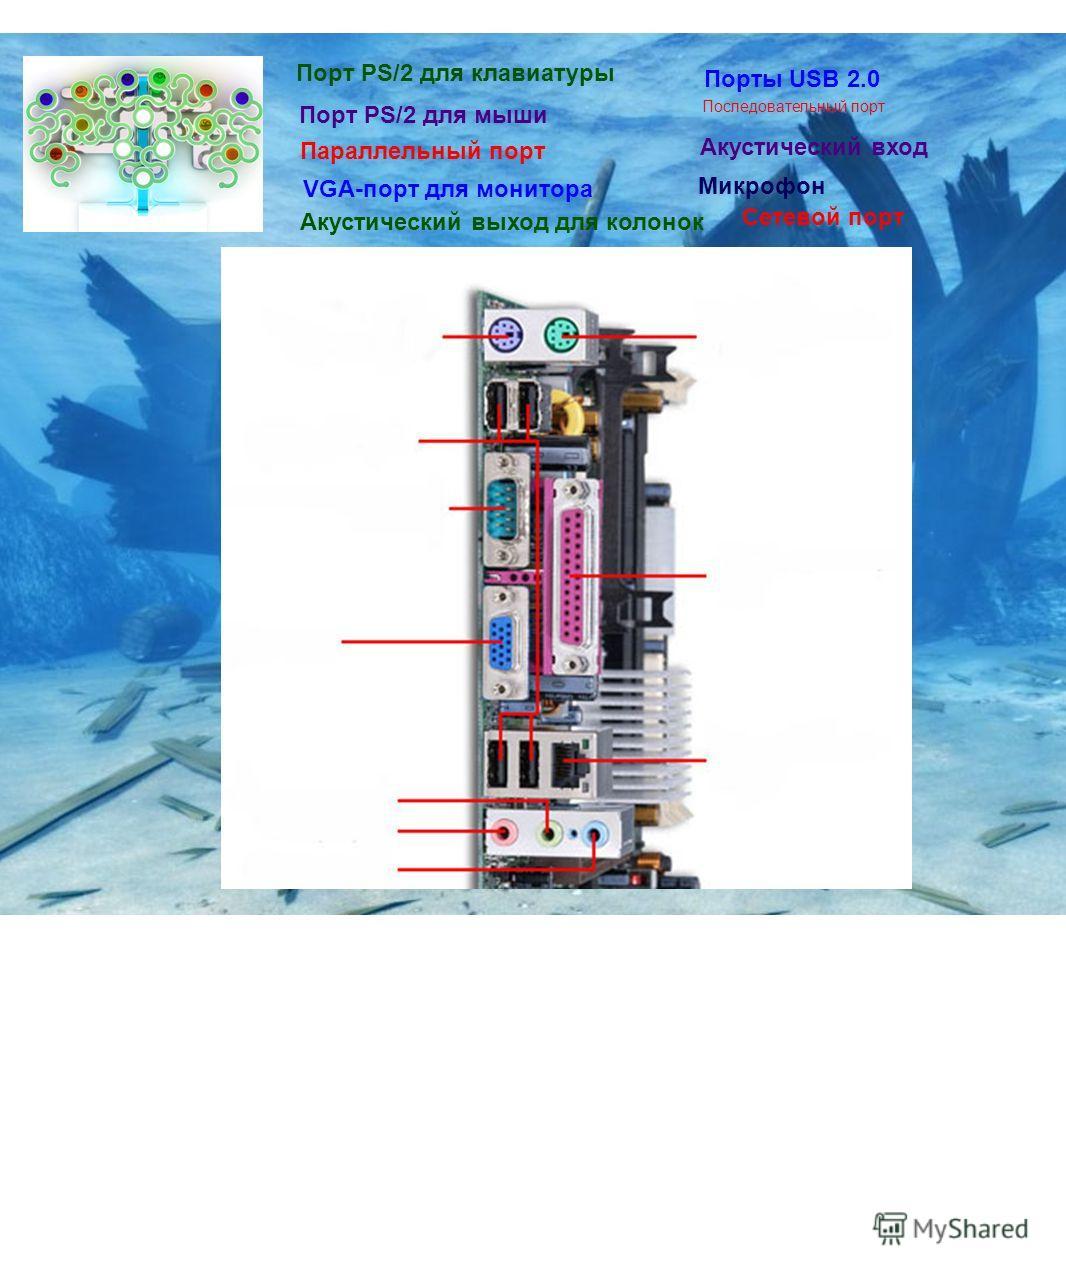 Порт PS/2 для клавиатуры Порт PS/2 для мыши Порты USB 2.0 Последовательный порт Параллельный порт VGA-порт для монитора Акустический выход для колонок Акустический вход Микрофон Сетевой порт